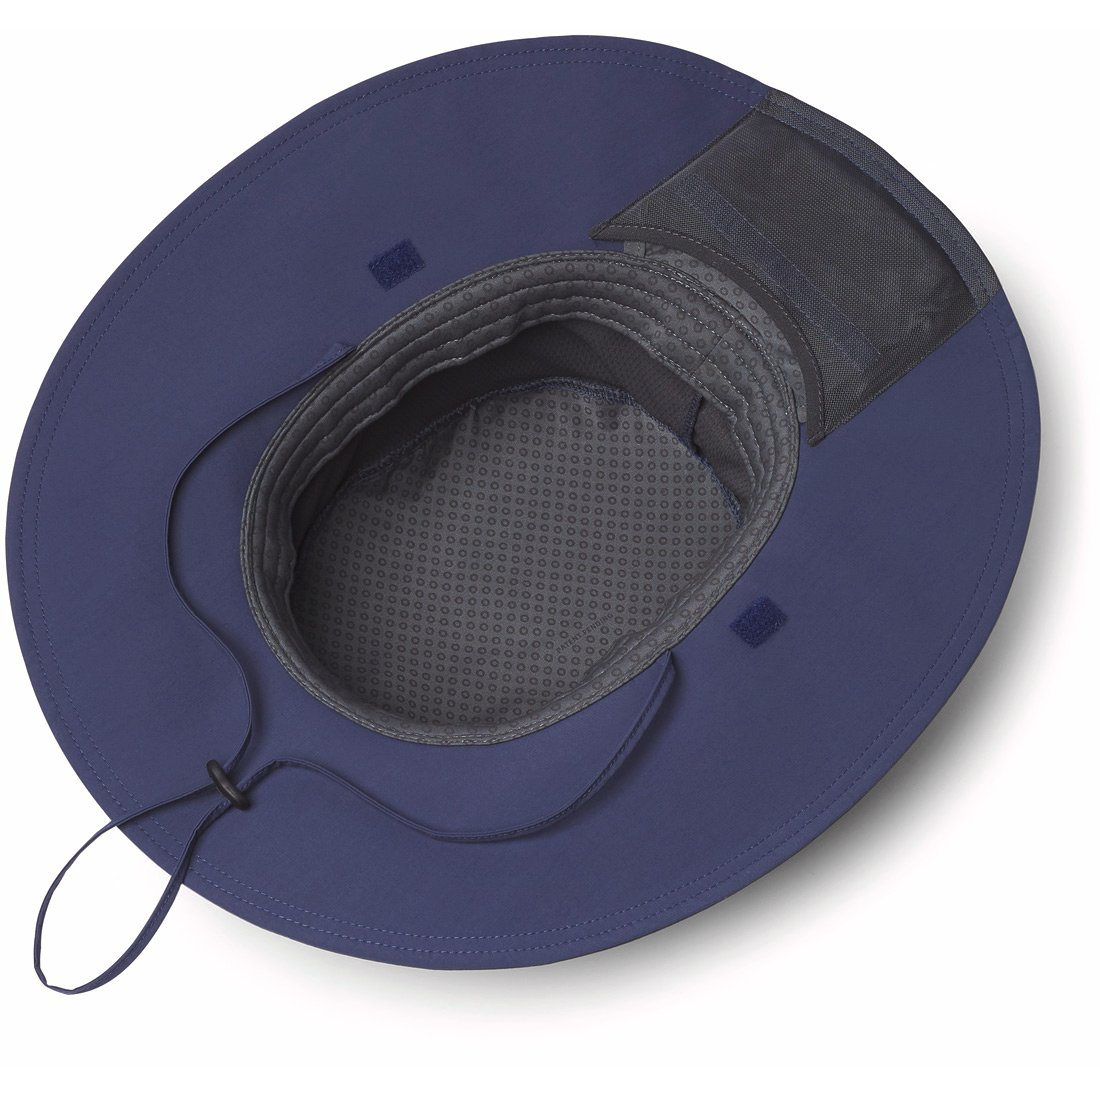 כובע רחב שוליים - Coolhead II Zero Booney - Columbia